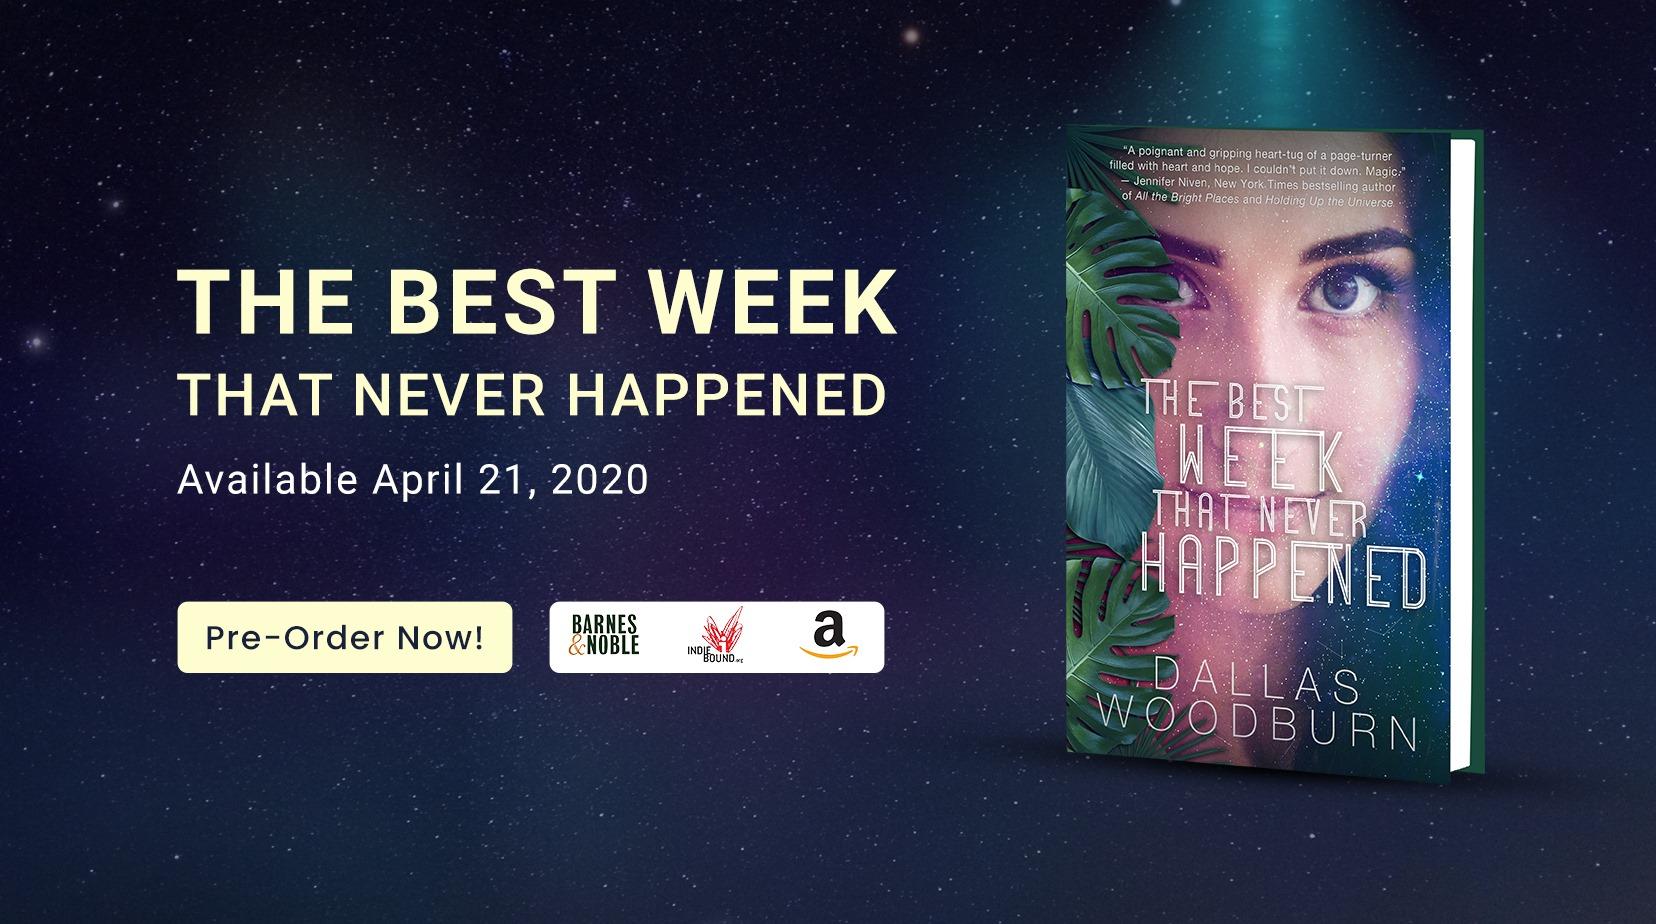 best week facebook cover